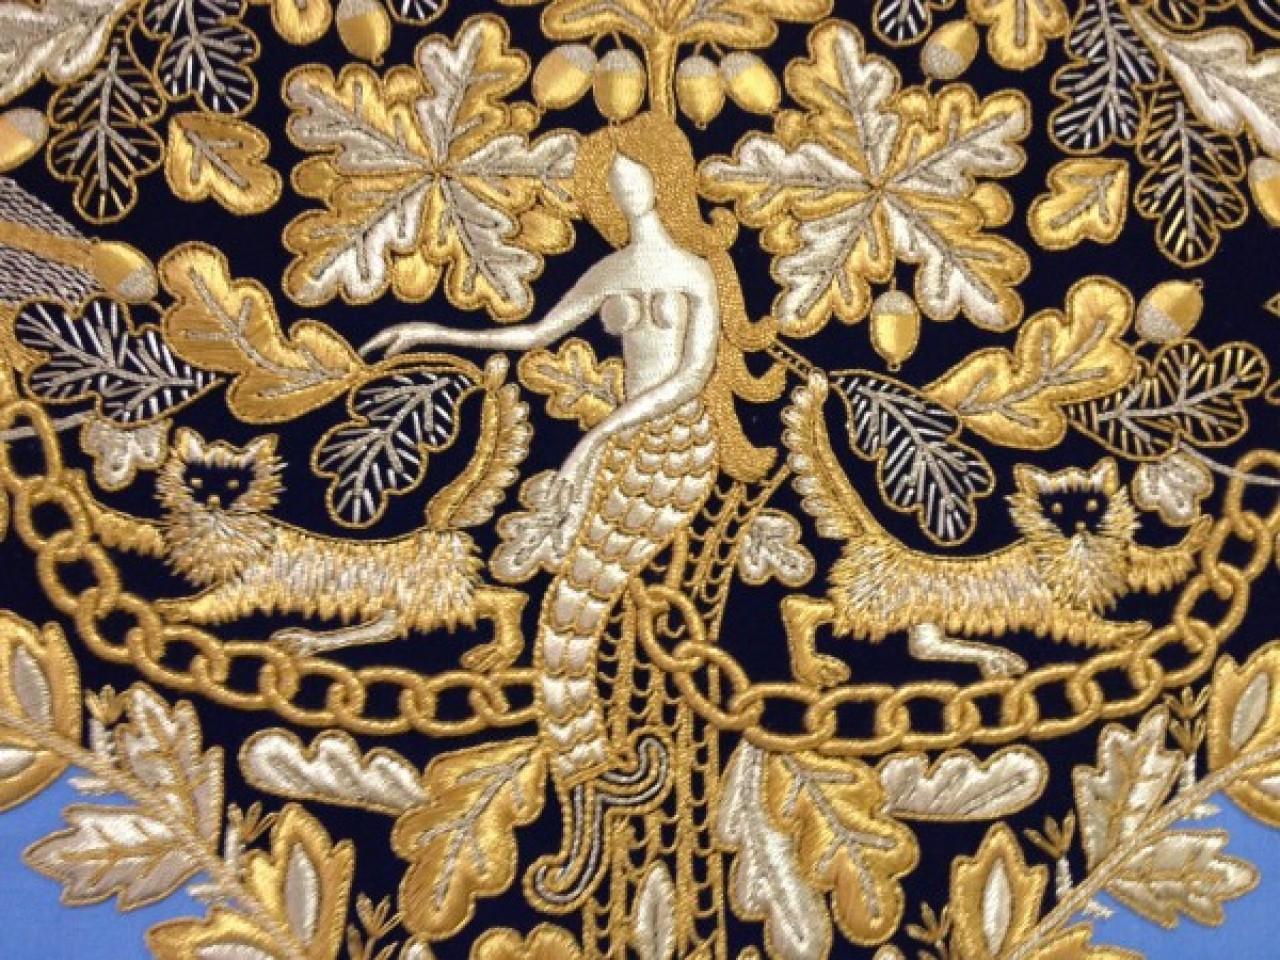 Российский город который славится золотой вышивкой по материи